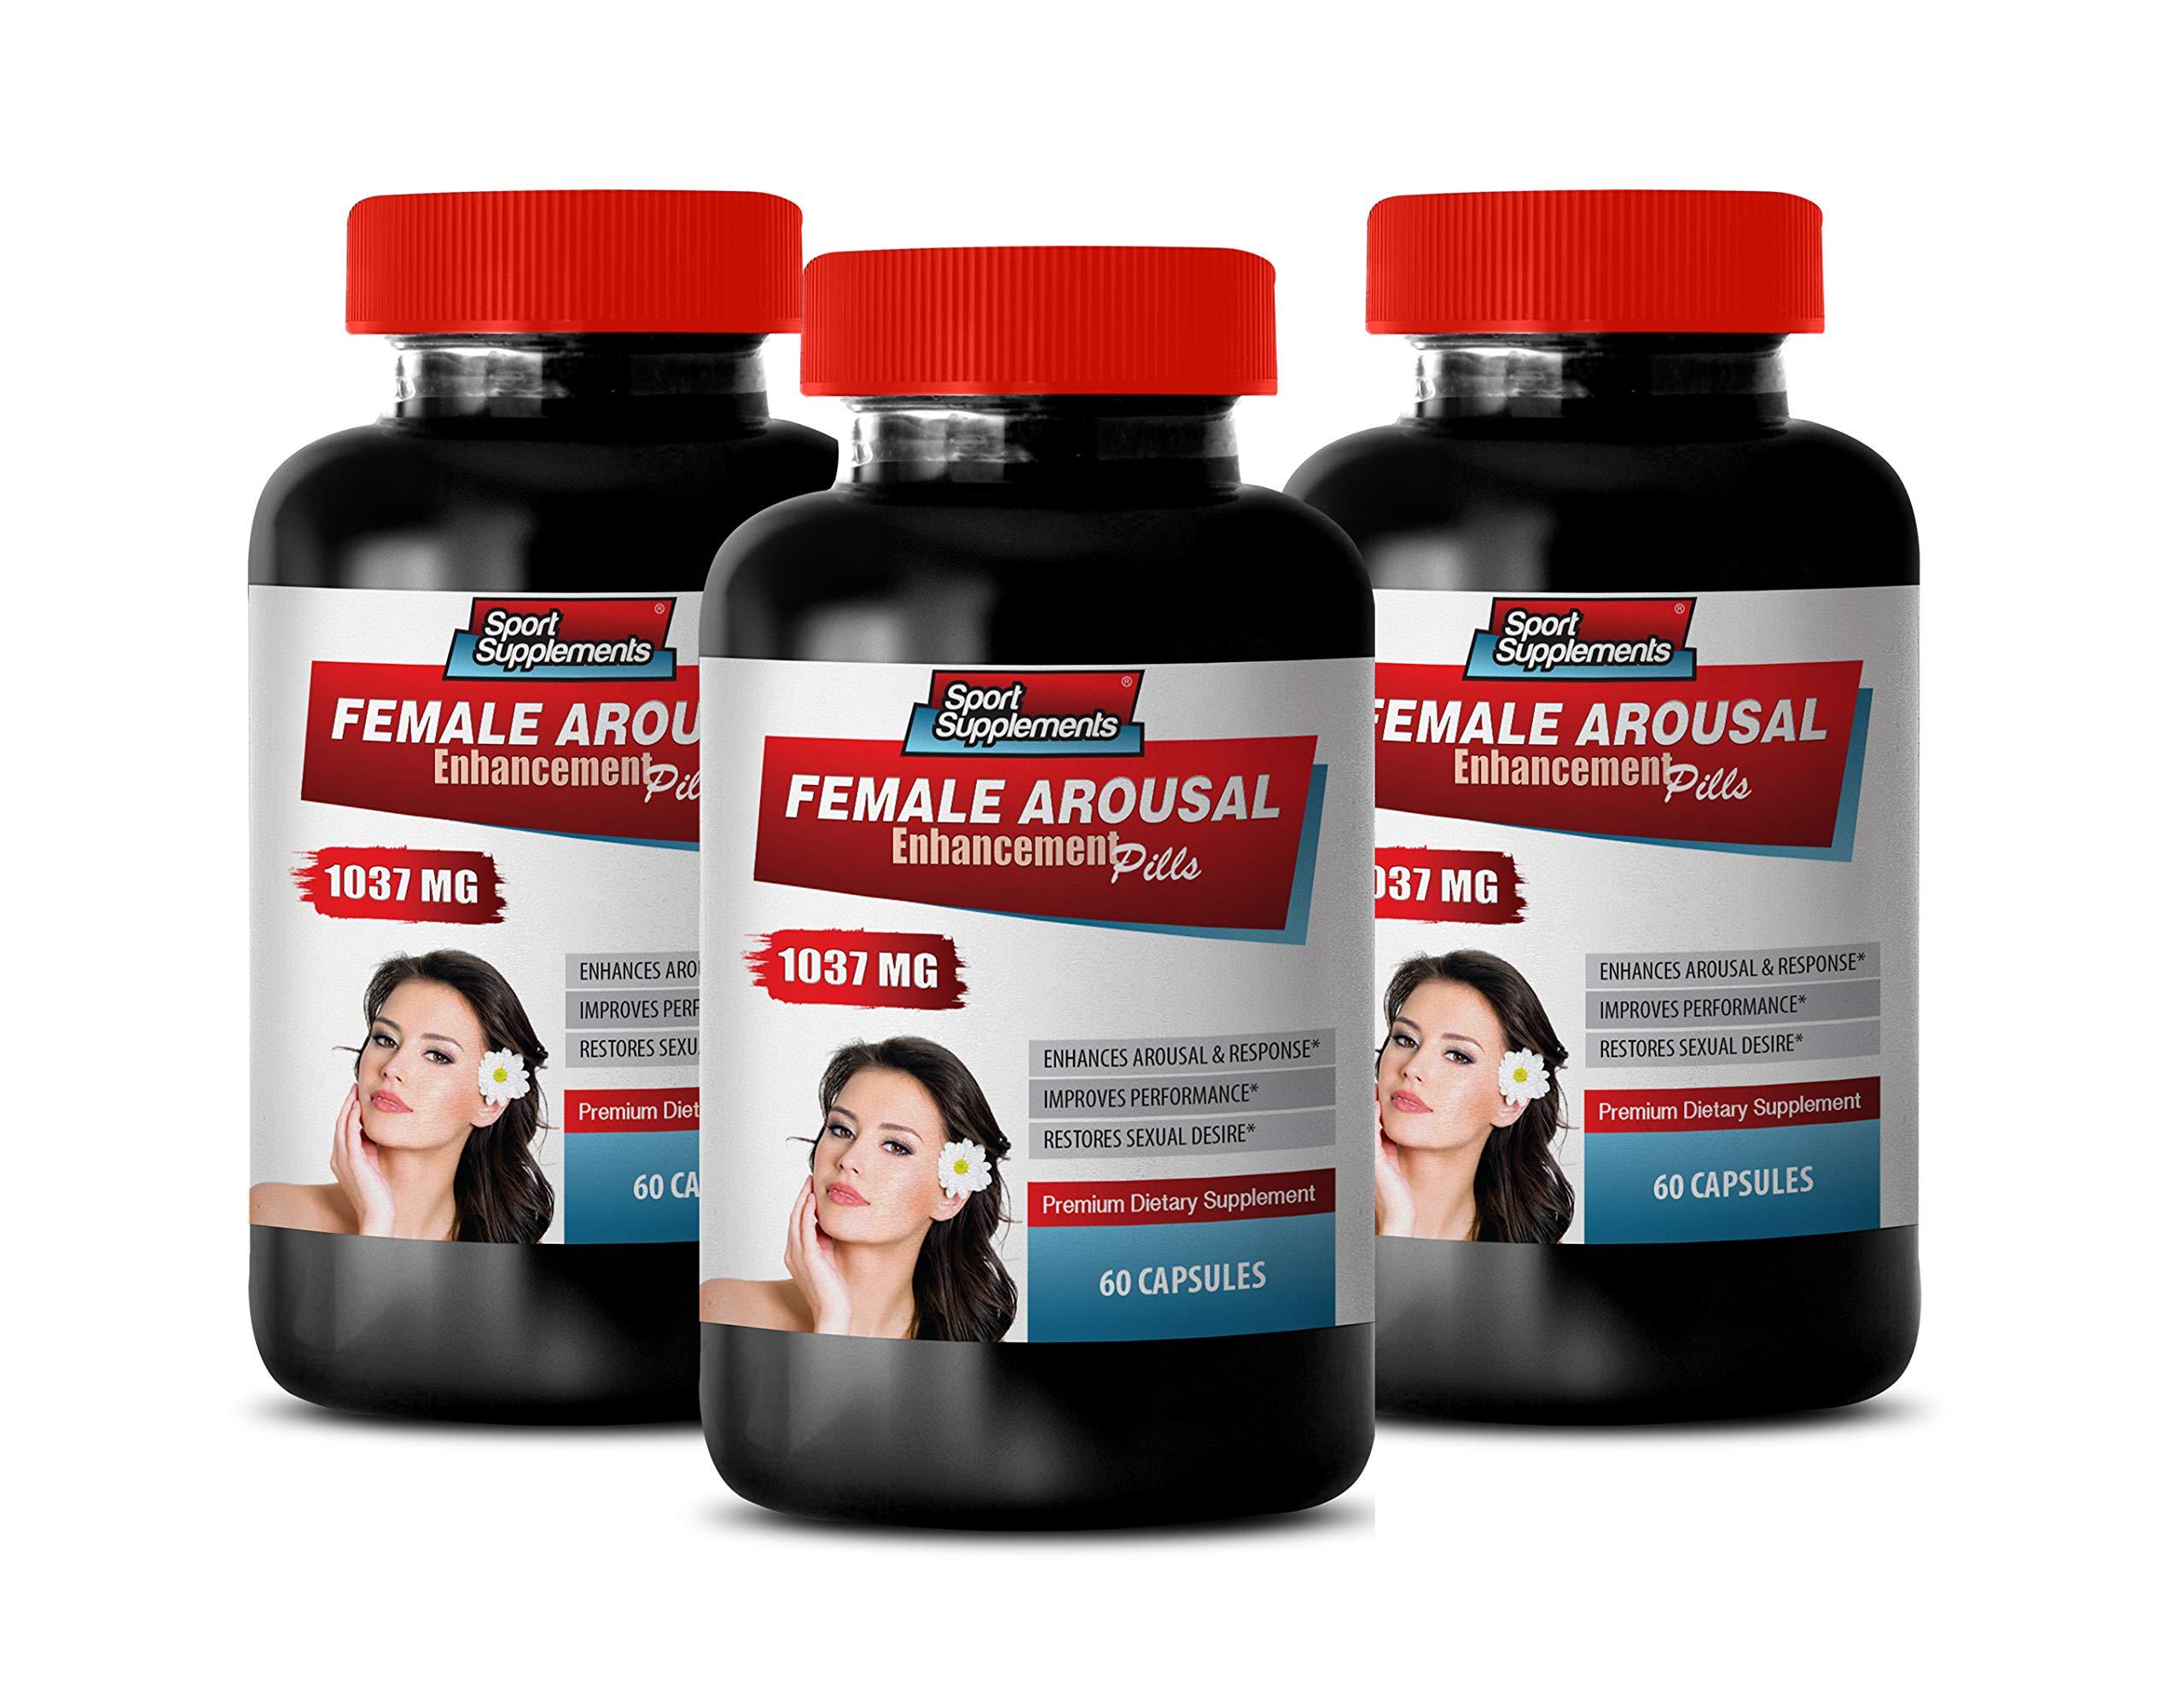 Female Vitamins for Health - Female Arousal Enhancement Pills 1037 MG - Premium Dietary Supplement - Muira puama Women - 3 Bottles 180 Capsules